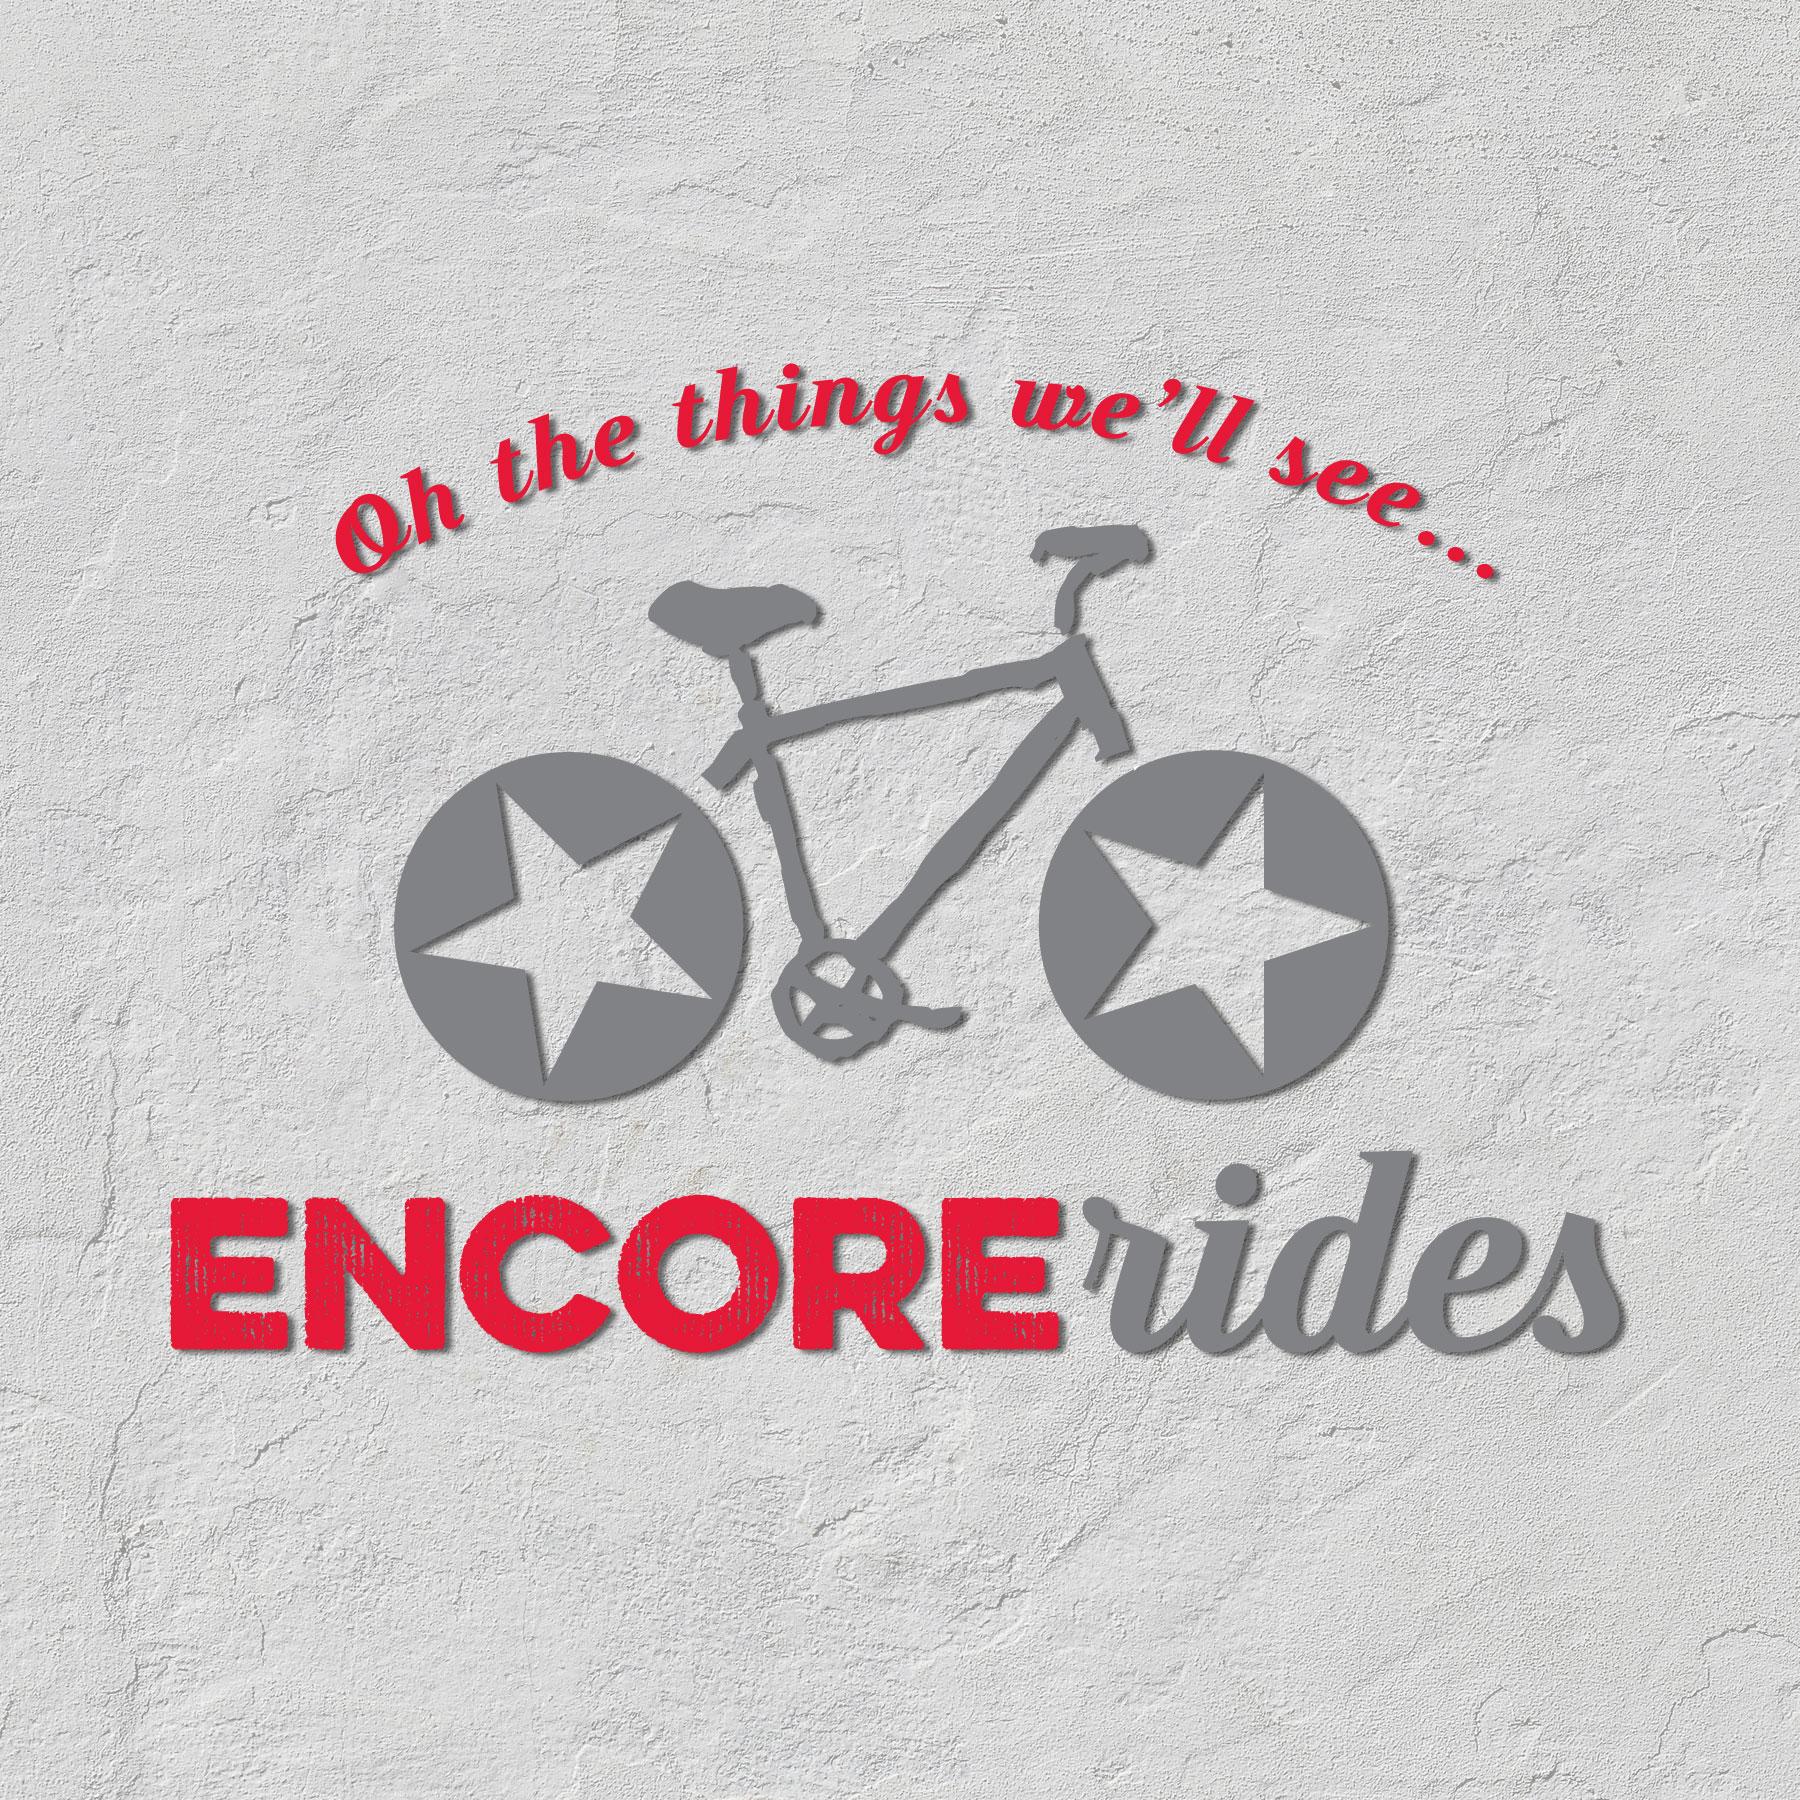 Biking-tour-brand.jpg